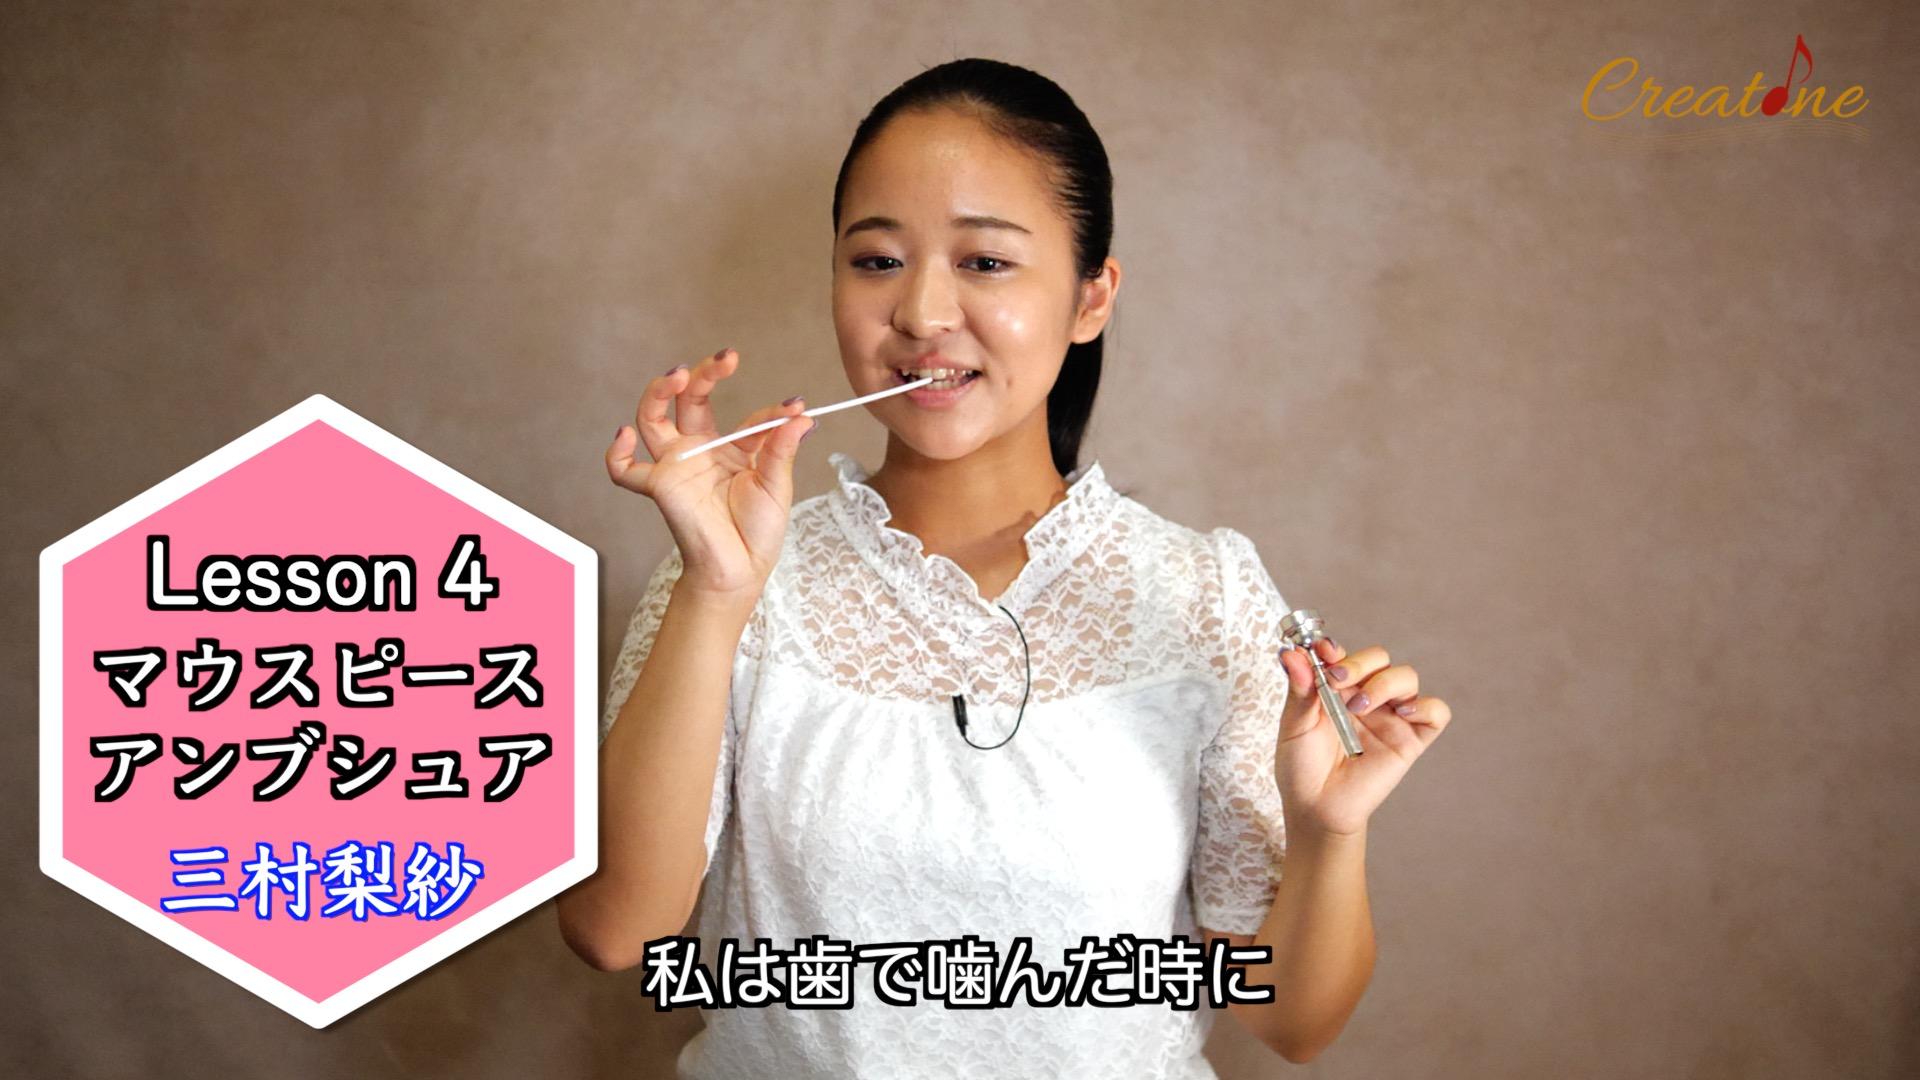 三村梨紗 Lesson4 マウスピース・アンブシュア サムネ